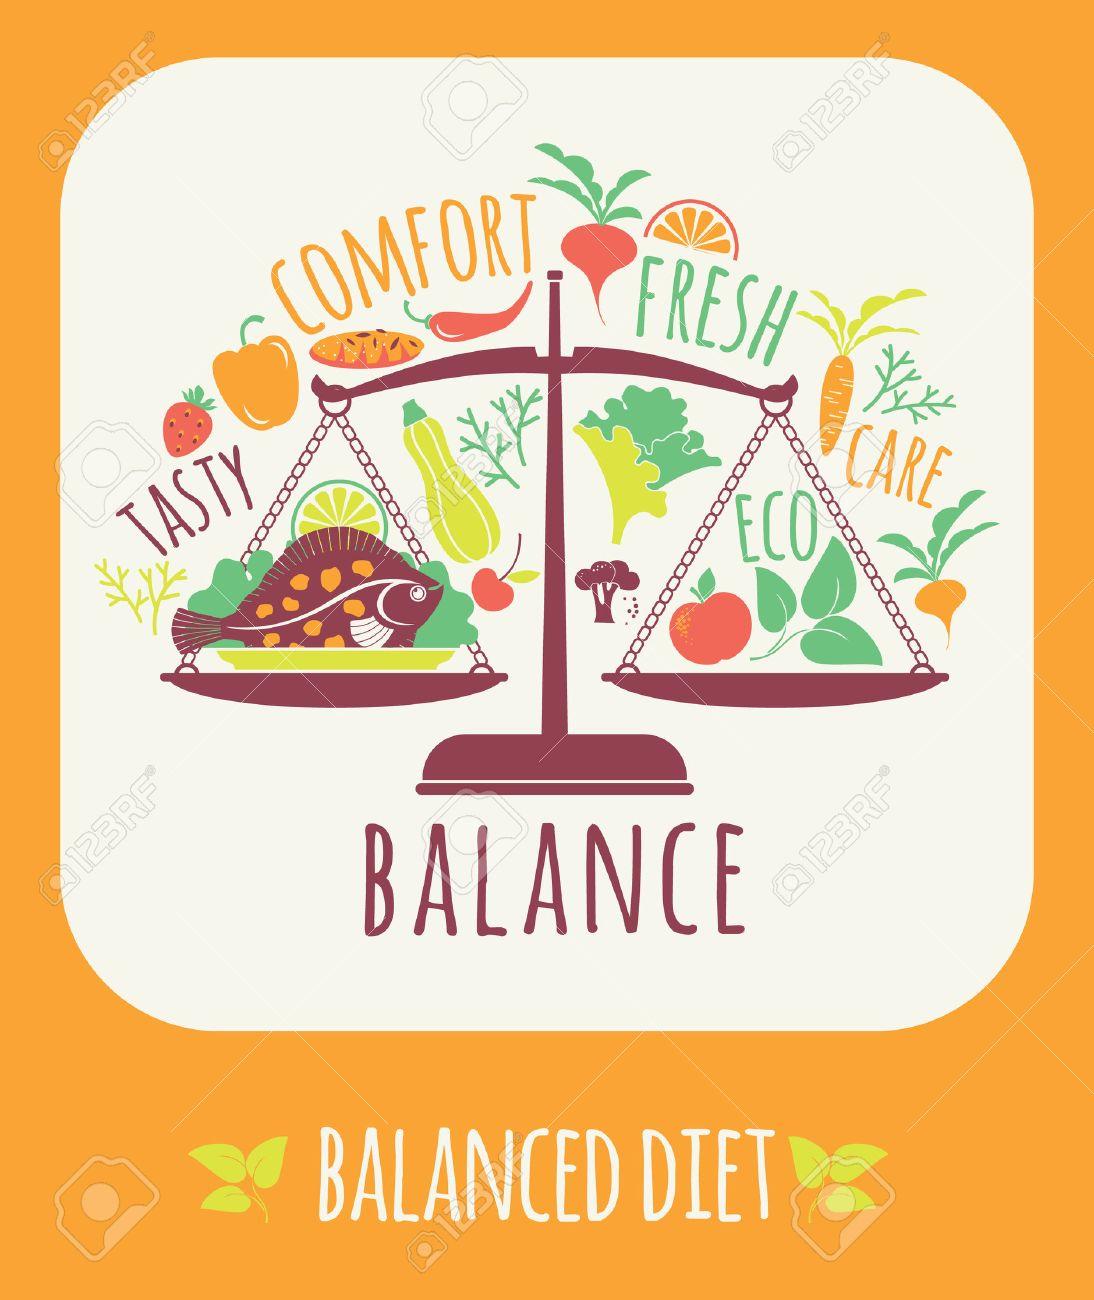 que elementos debe tener una dieta balanceada